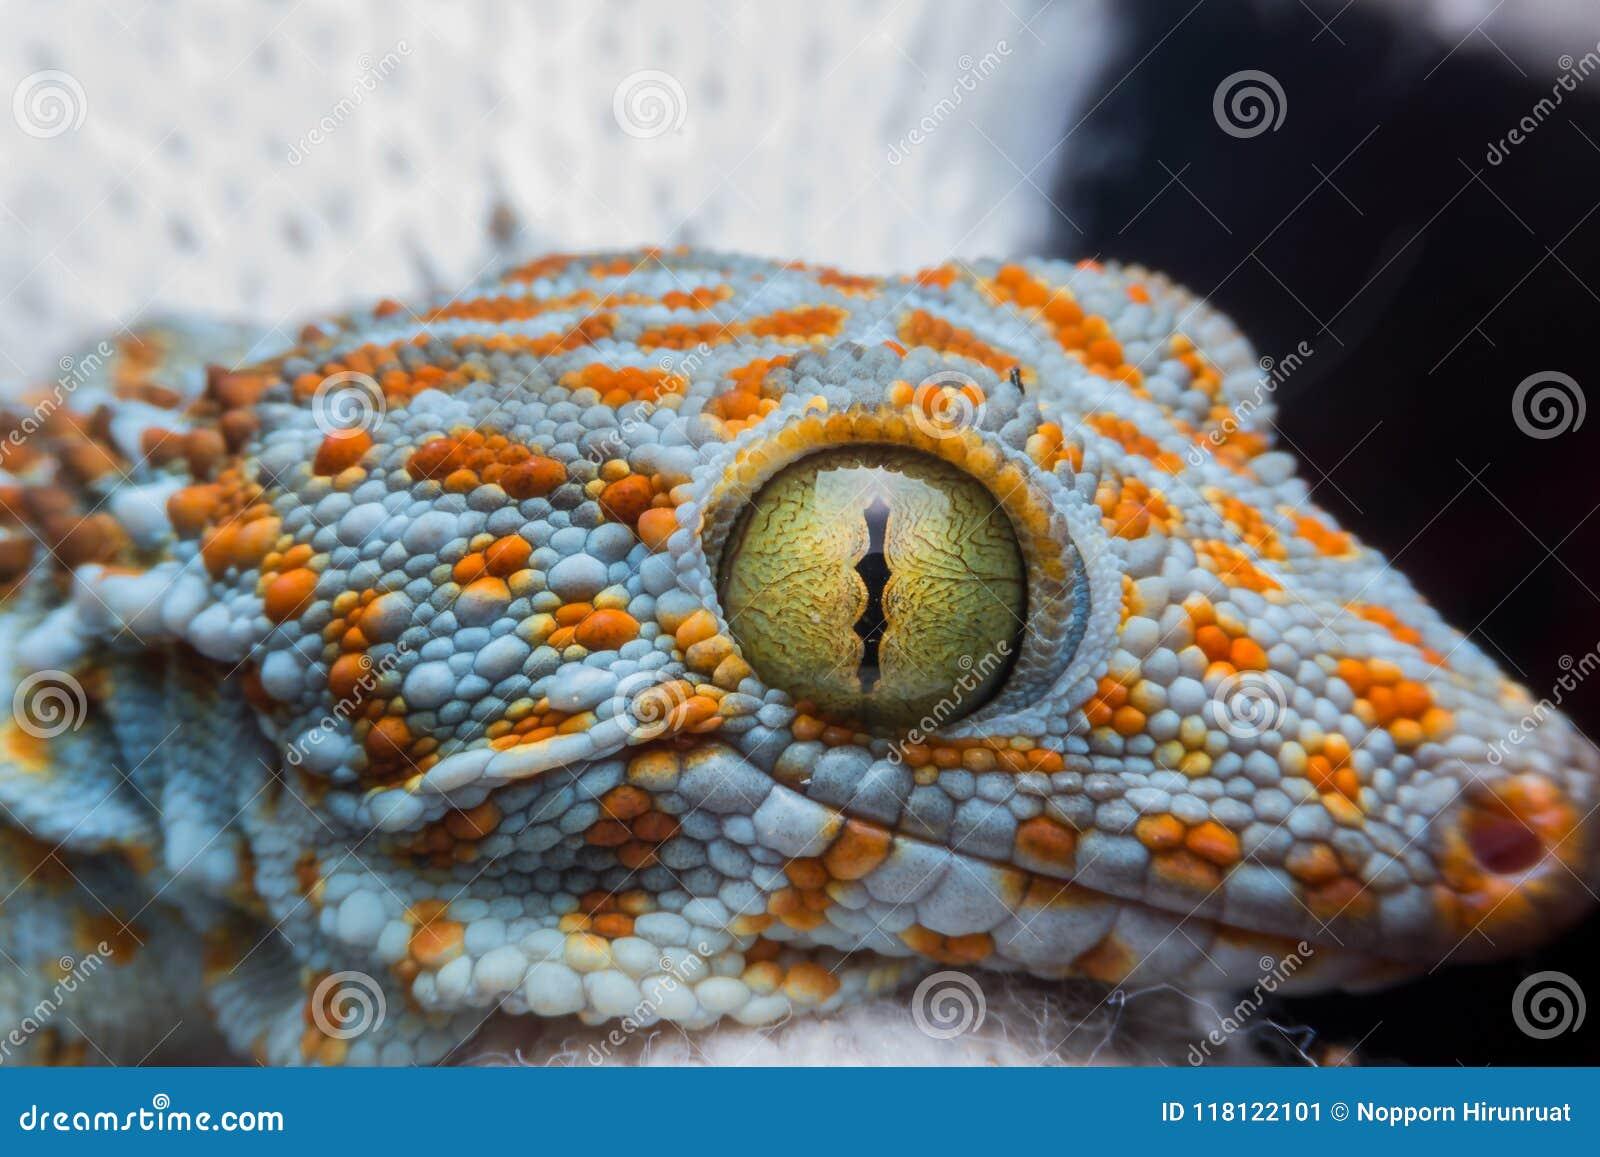 Öga av geckon